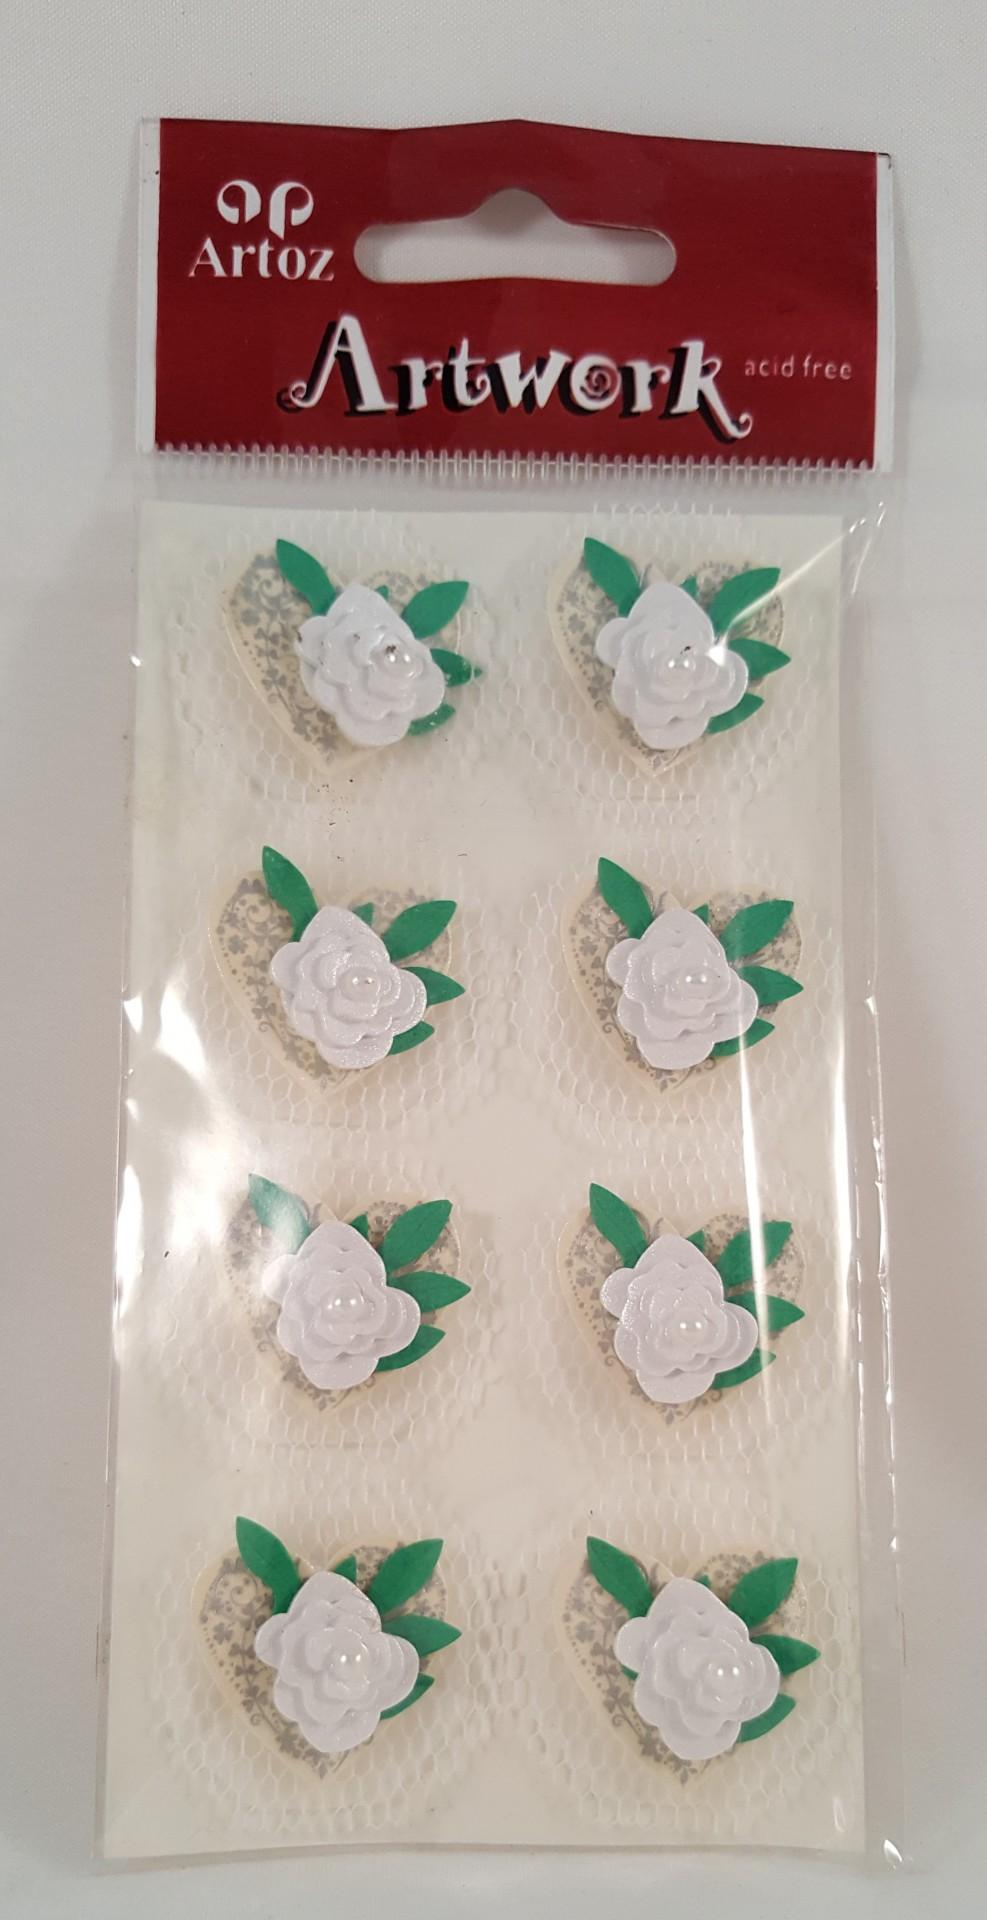 Aplicações scrapbooking - flores brancas /tule Artoz Artwork